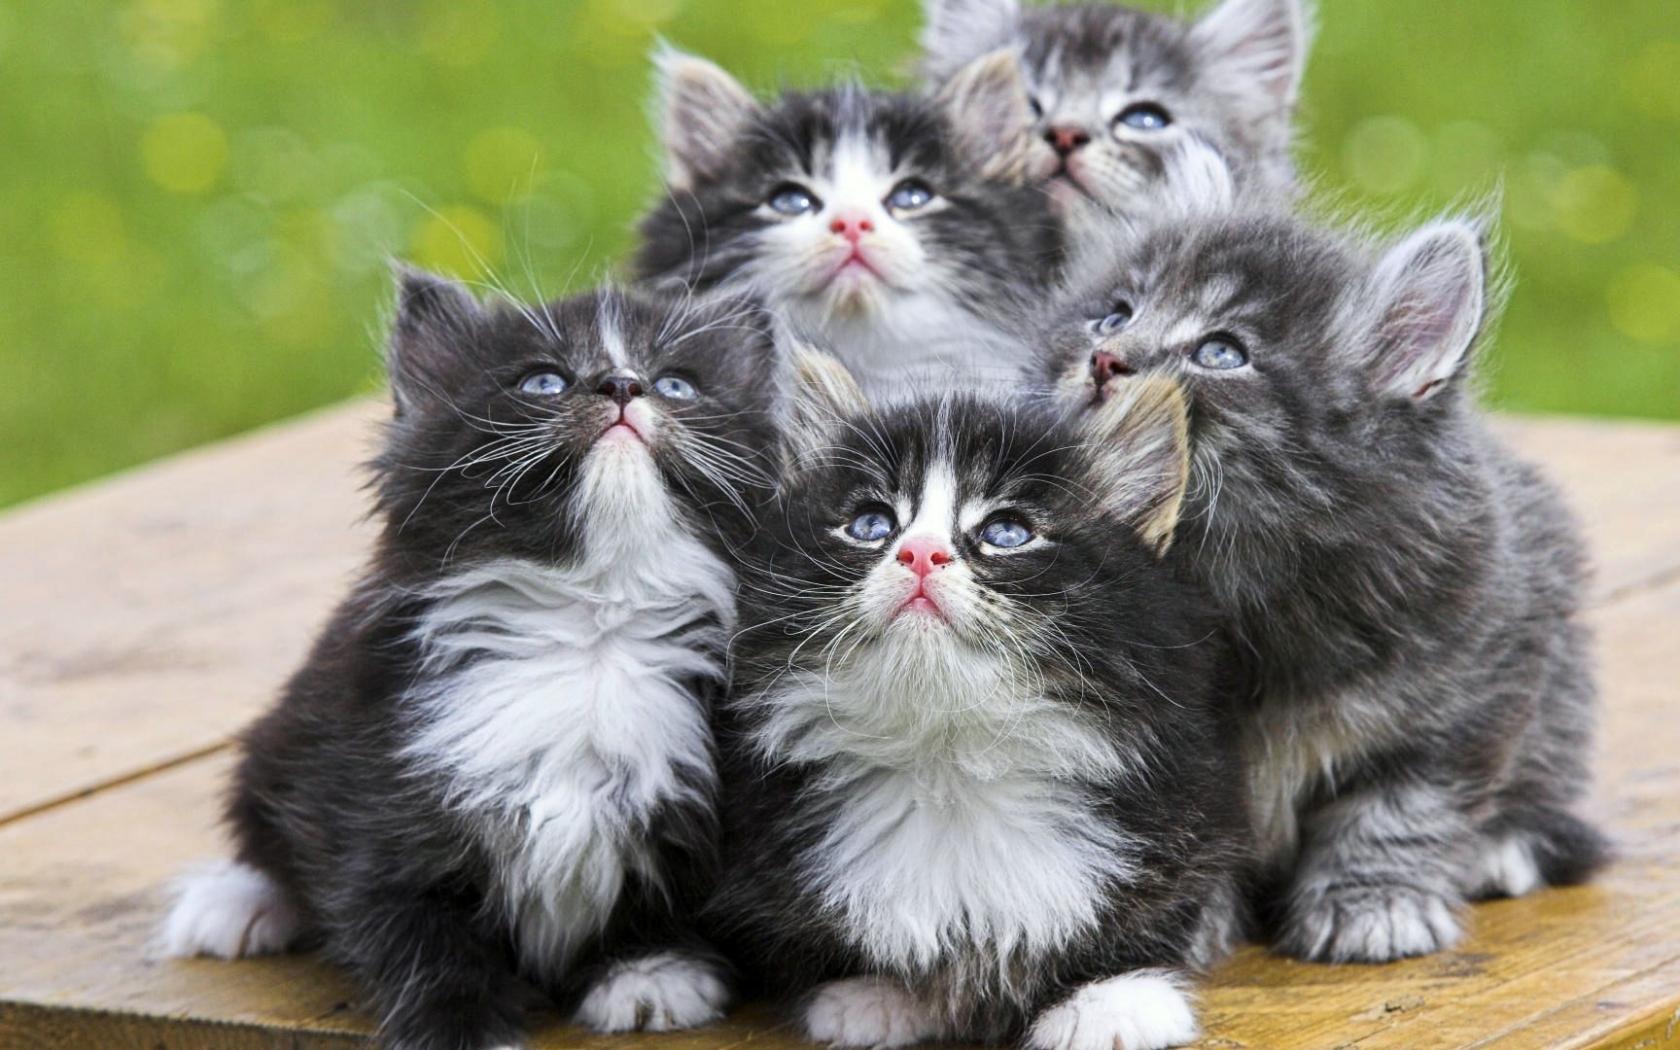 46403 скачать Серые обои на телефон бесплатно, Животные, Кошки (Коты, Котики) Серые картинки и заставки на мобильный